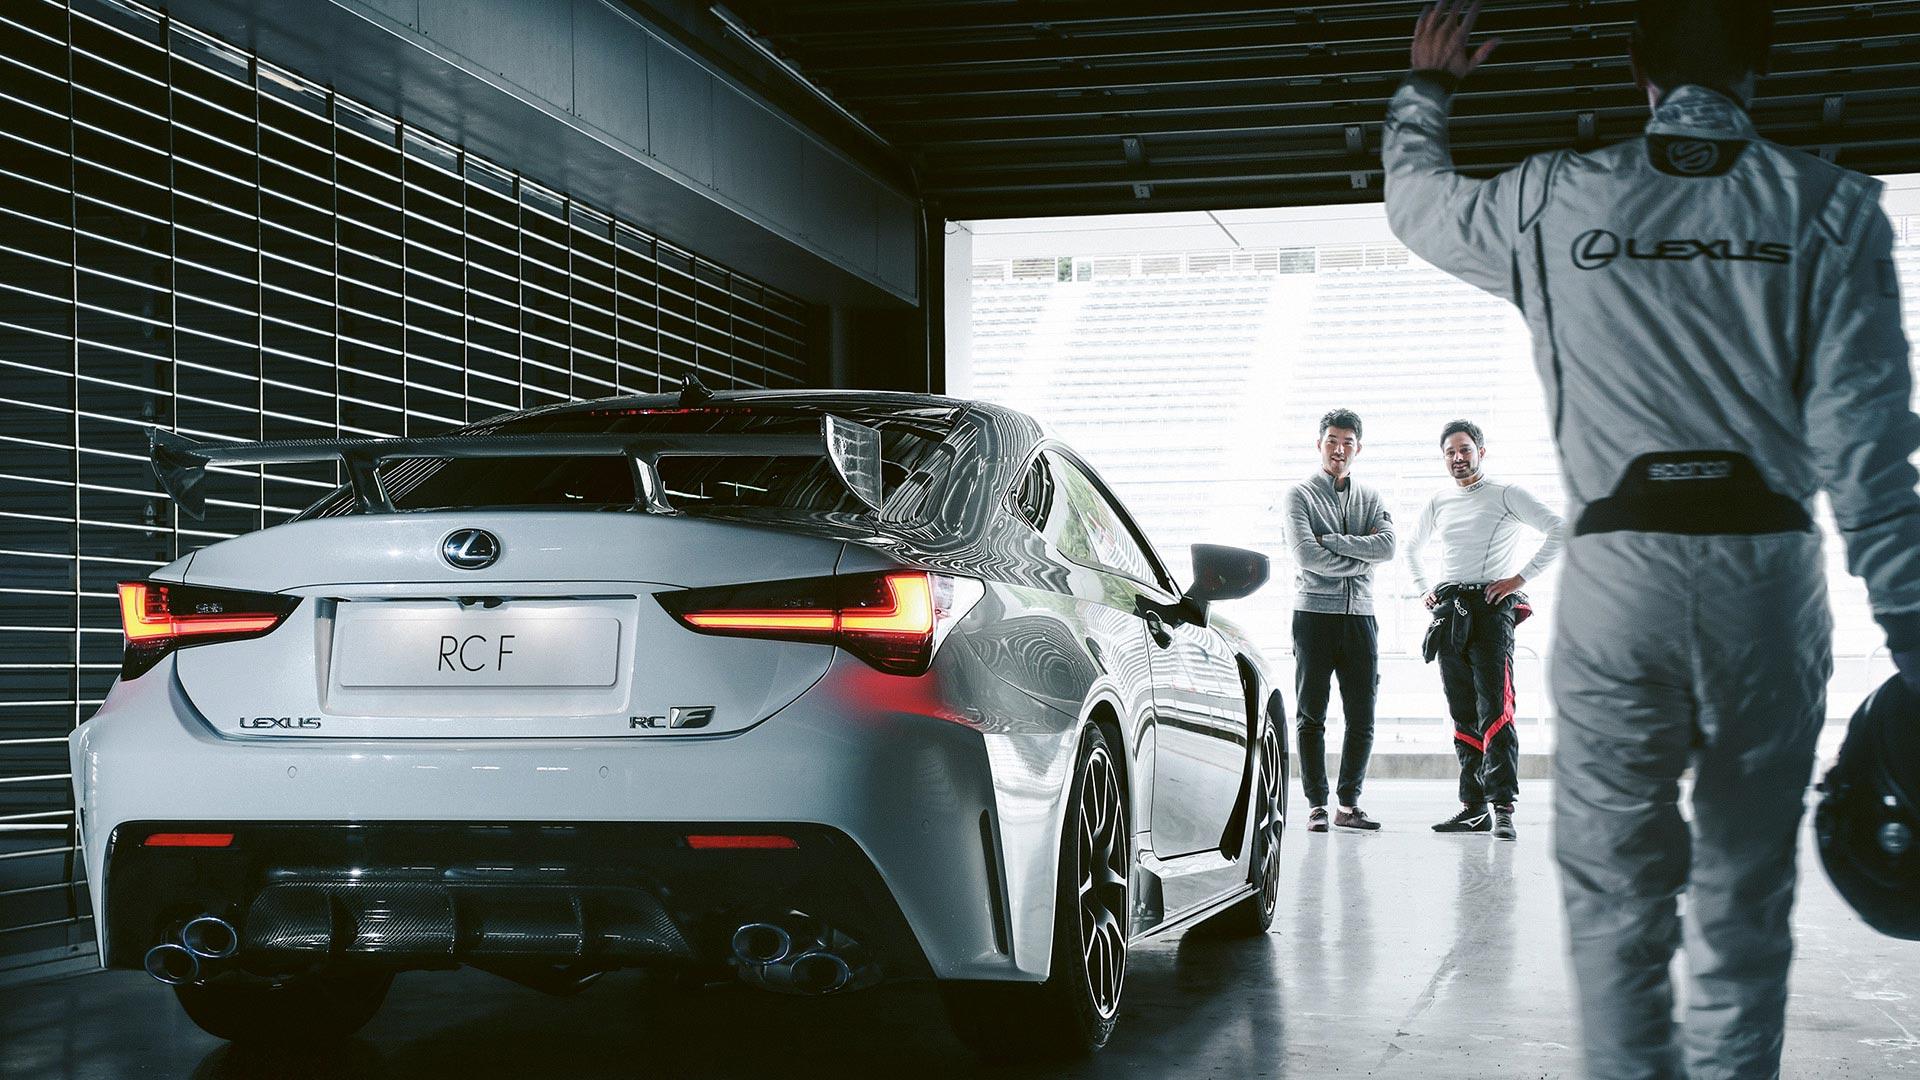 Lexus RC F weiß hinten